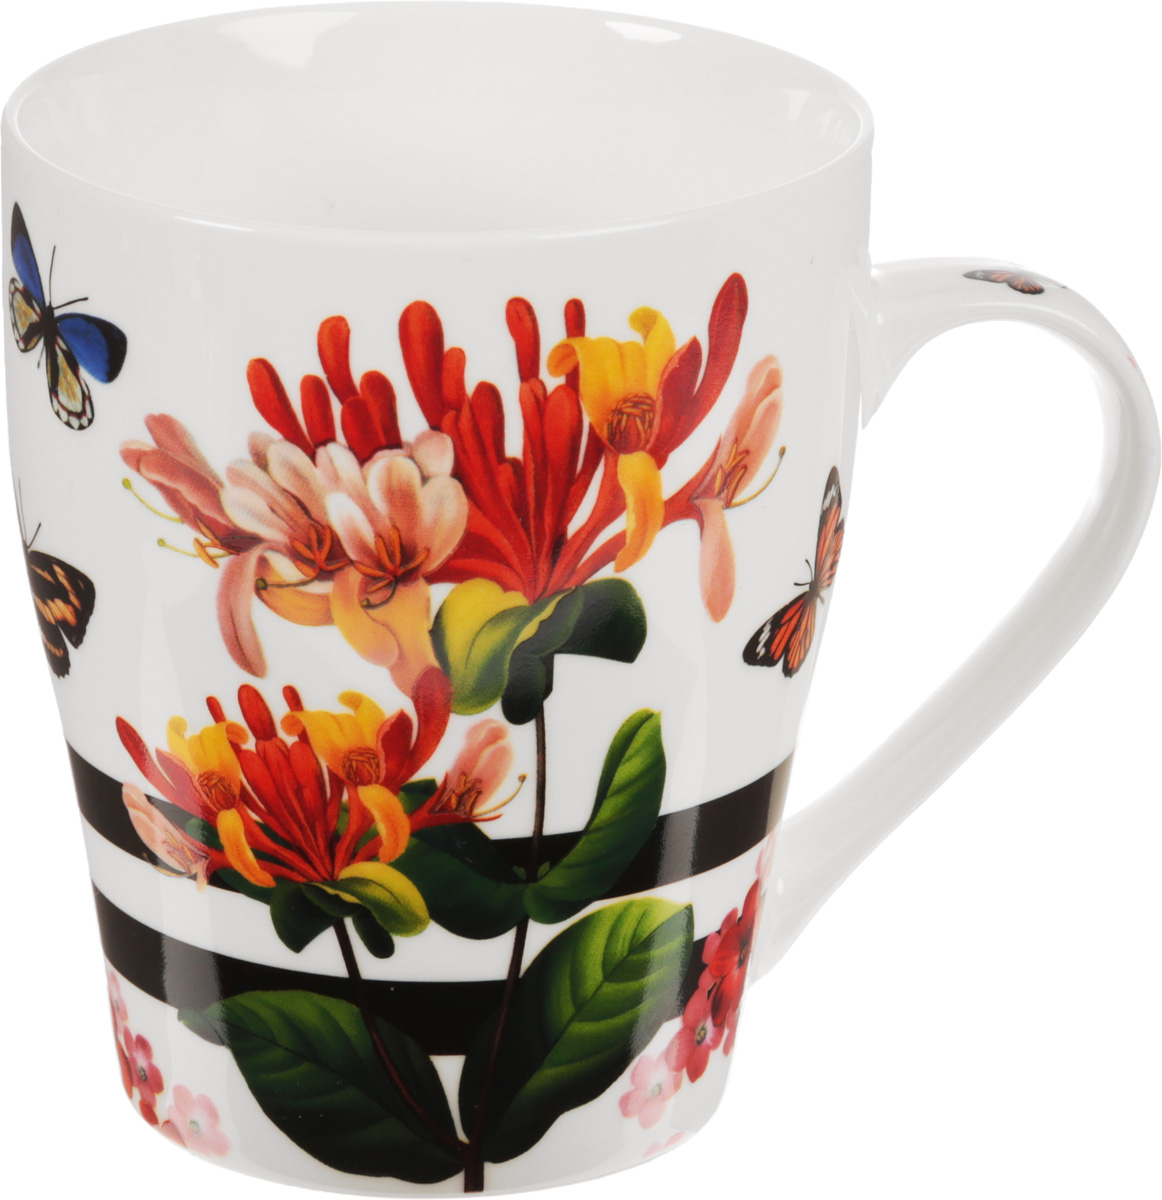 Кружка Loraine Цветы, 340 мл. 24450_21333021_нектарин/грейпфрутКружка Loraine Цветы, изготовленная из костяного фарфора, оснащена удобной ручкой и оформлена красочным изображением. Благодаря своим термостатическим свойствам, изделие отлично сохраняет температуру содержимого. Диаметр (по верхнему краю): 8,3 см. Высота кружки: 10 см. Объем: 340 мл.